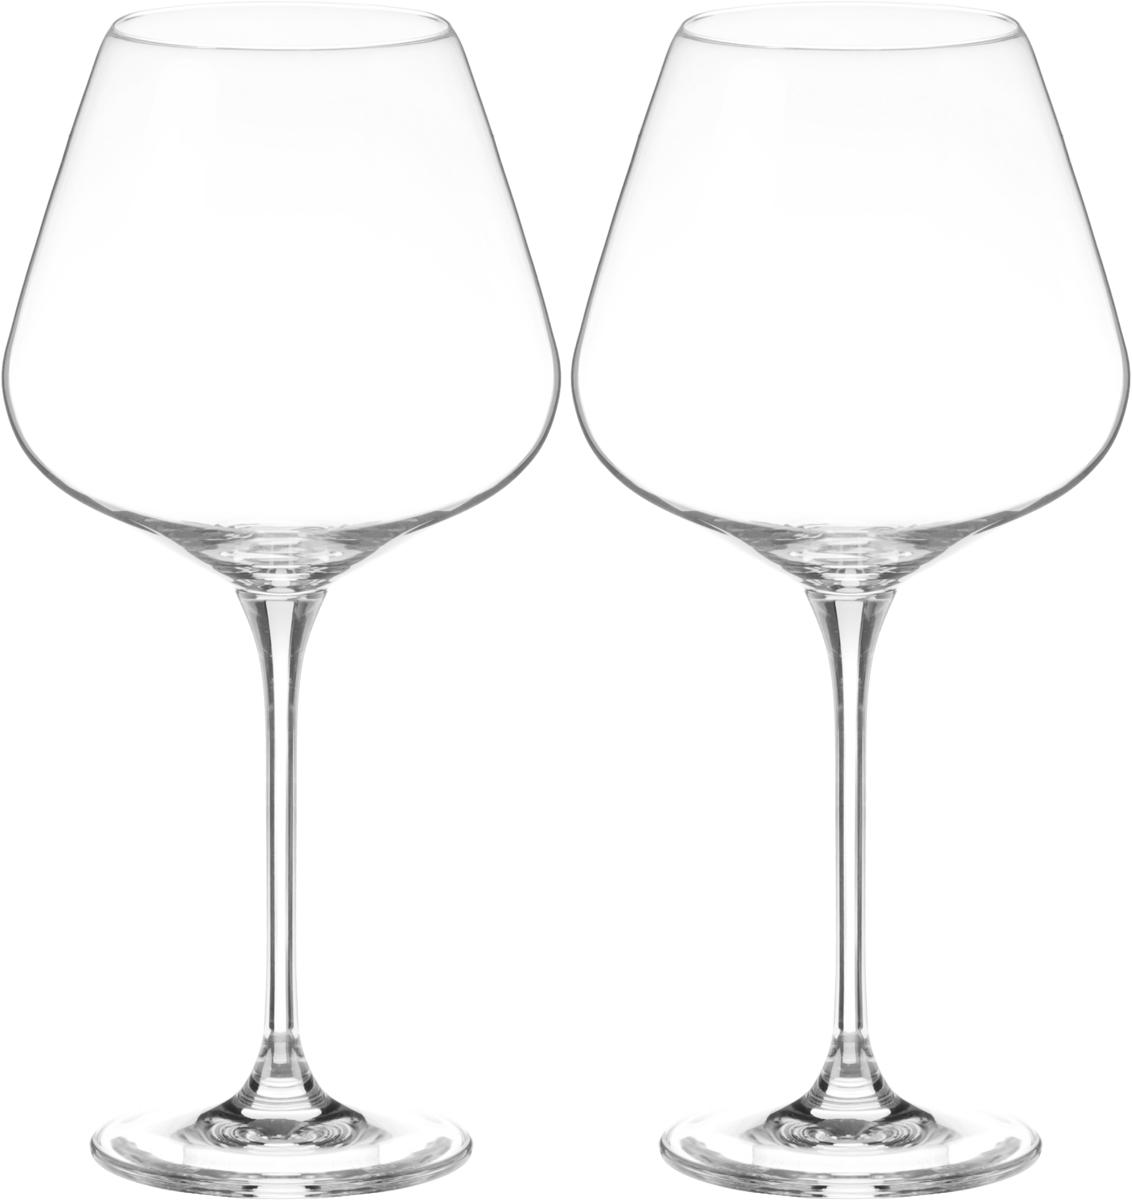 """Набор """"Wilmax"""" состоит из двух бокалов, выполненных из стекла. Изделия оснащены  высокими ножками и предназначены для подачи вина. Они сочетают в себе элегантный  дизайн и функциональность. Набор бокалов """"Wilmax"""" прекрасно оформит праздничный  стол и создаст приятную атмосферу за романтическим ужином. Такой набор также станет  хорошим подарком к любому случаю. Бокалы можно мыть в посудомоечной машине. Диаметр бокала по верхнему краю: 7,5 см.Диаметр основания: 8,3 см. Высота бокала: 25,5 см."""